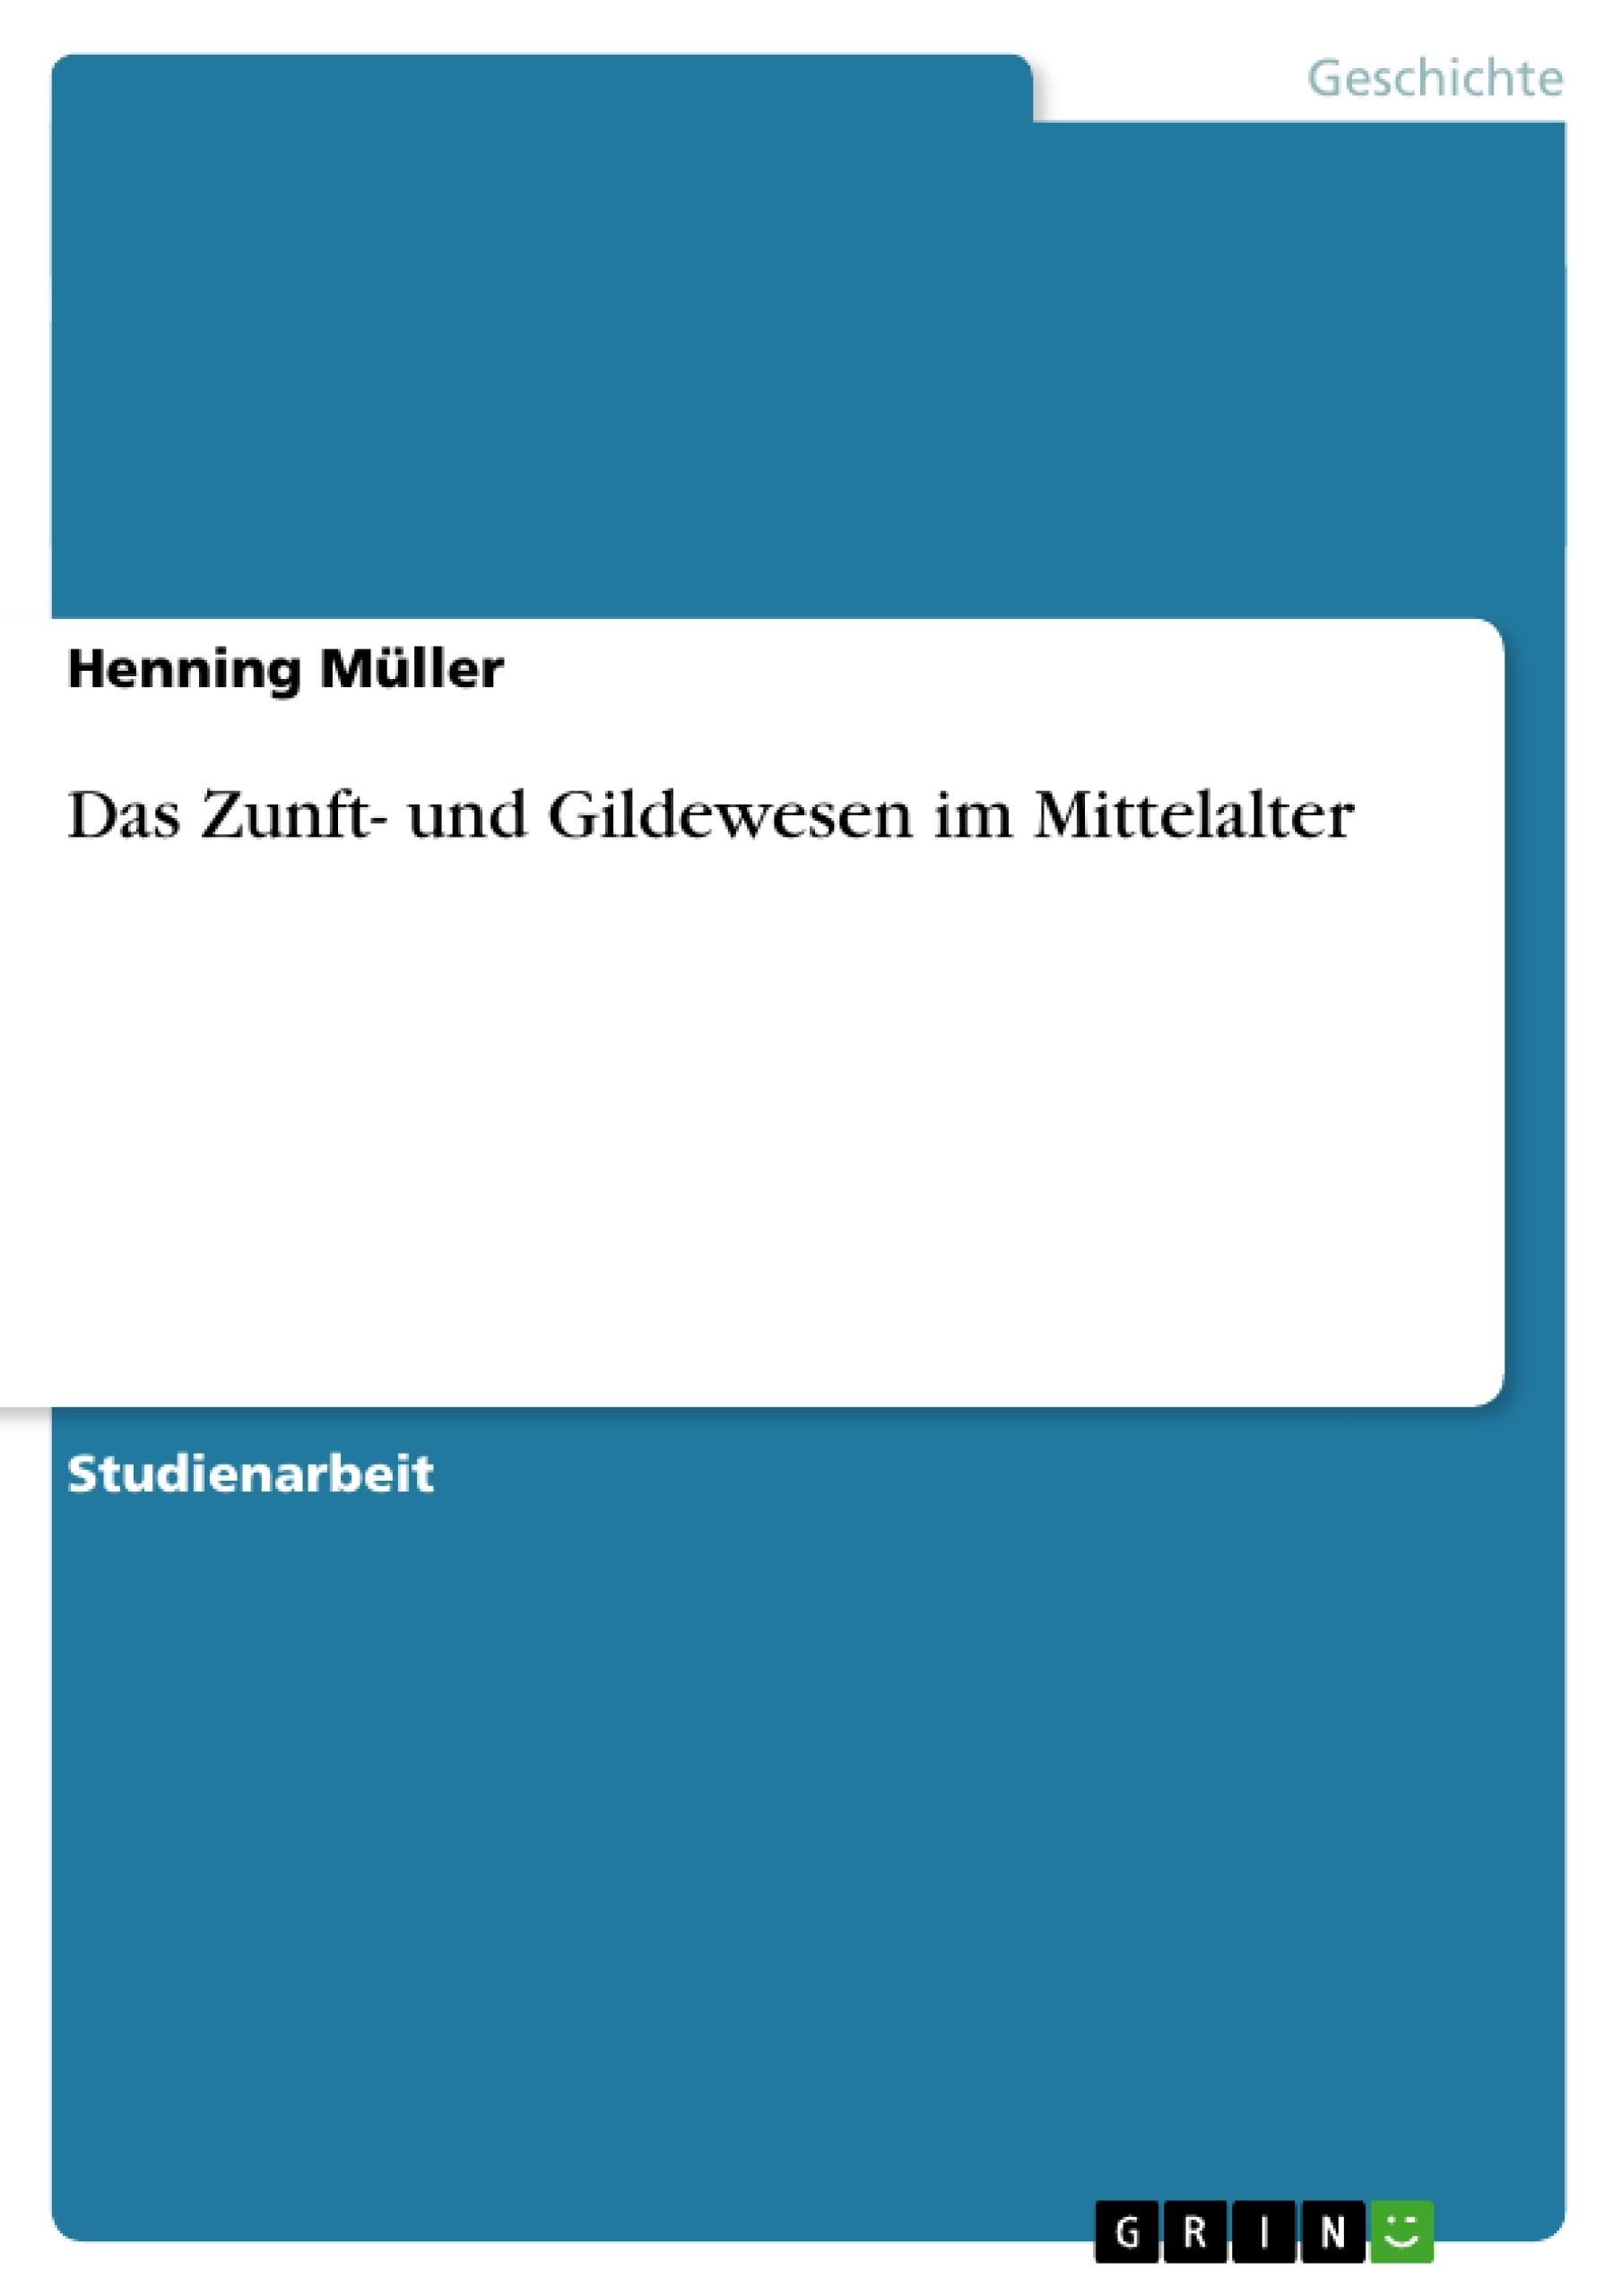 Titel: Das Zunft- und Gildewesen im Mittelalter